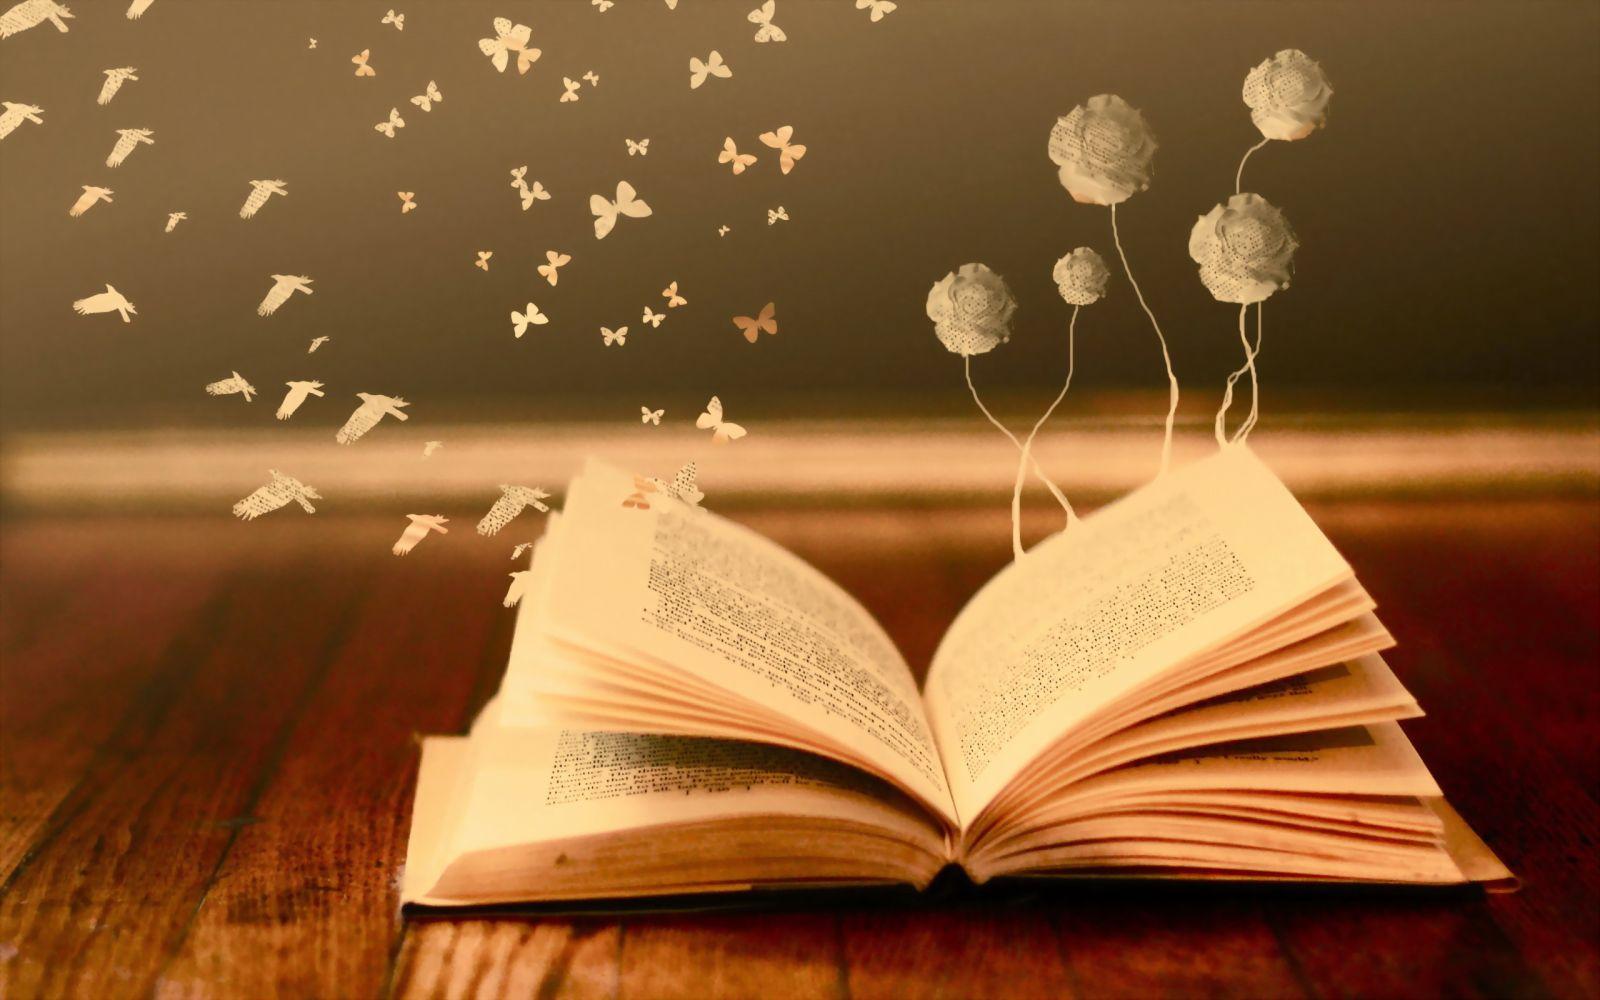 Sách tốt – Web sách điện tử có bản quyền hàng đầu Việt Nam